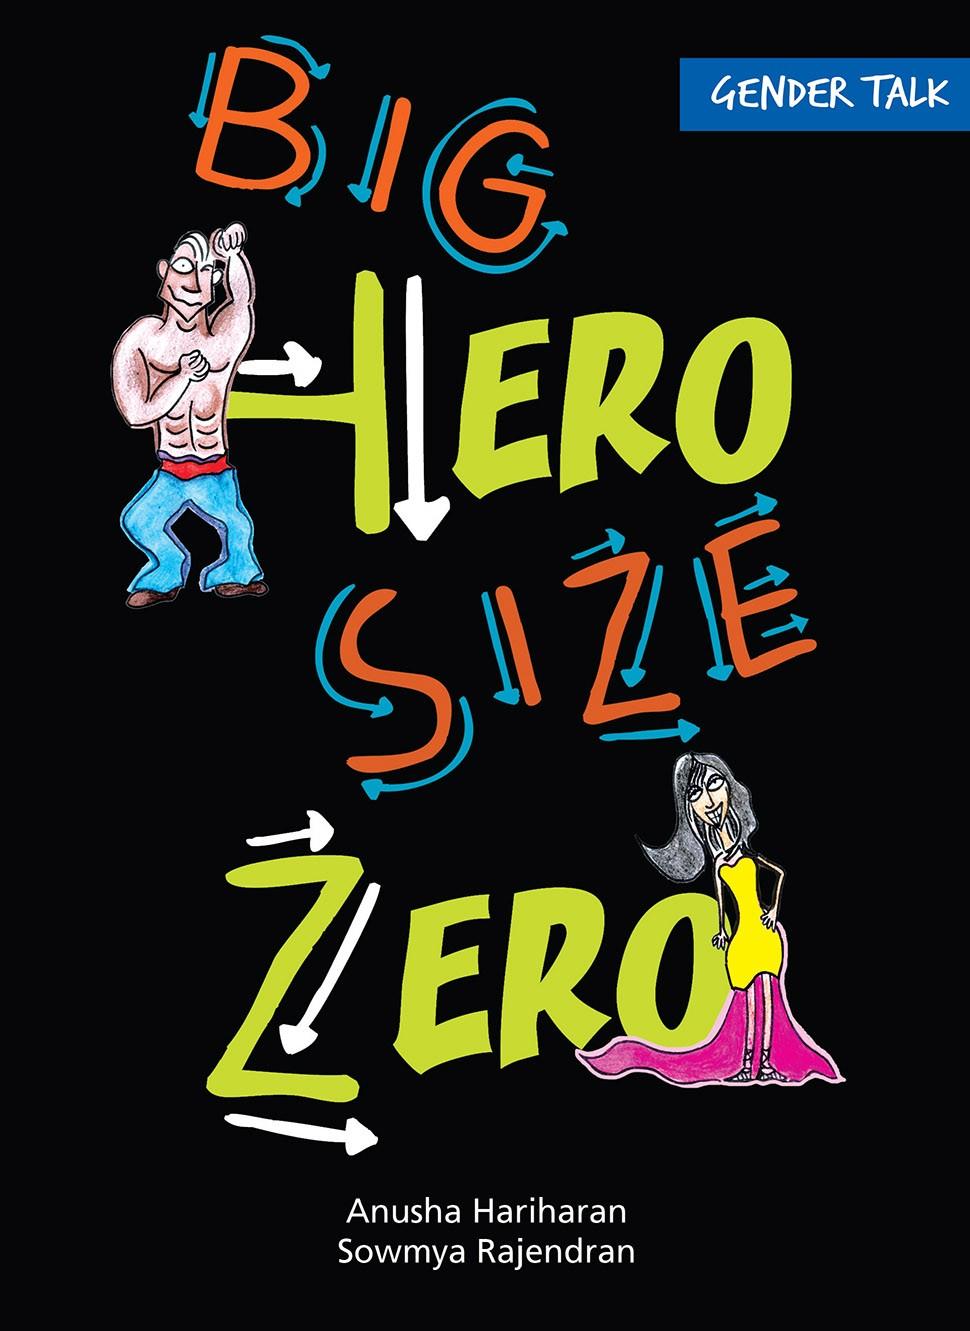 Gender Talk Big Hero Size Zero (English)